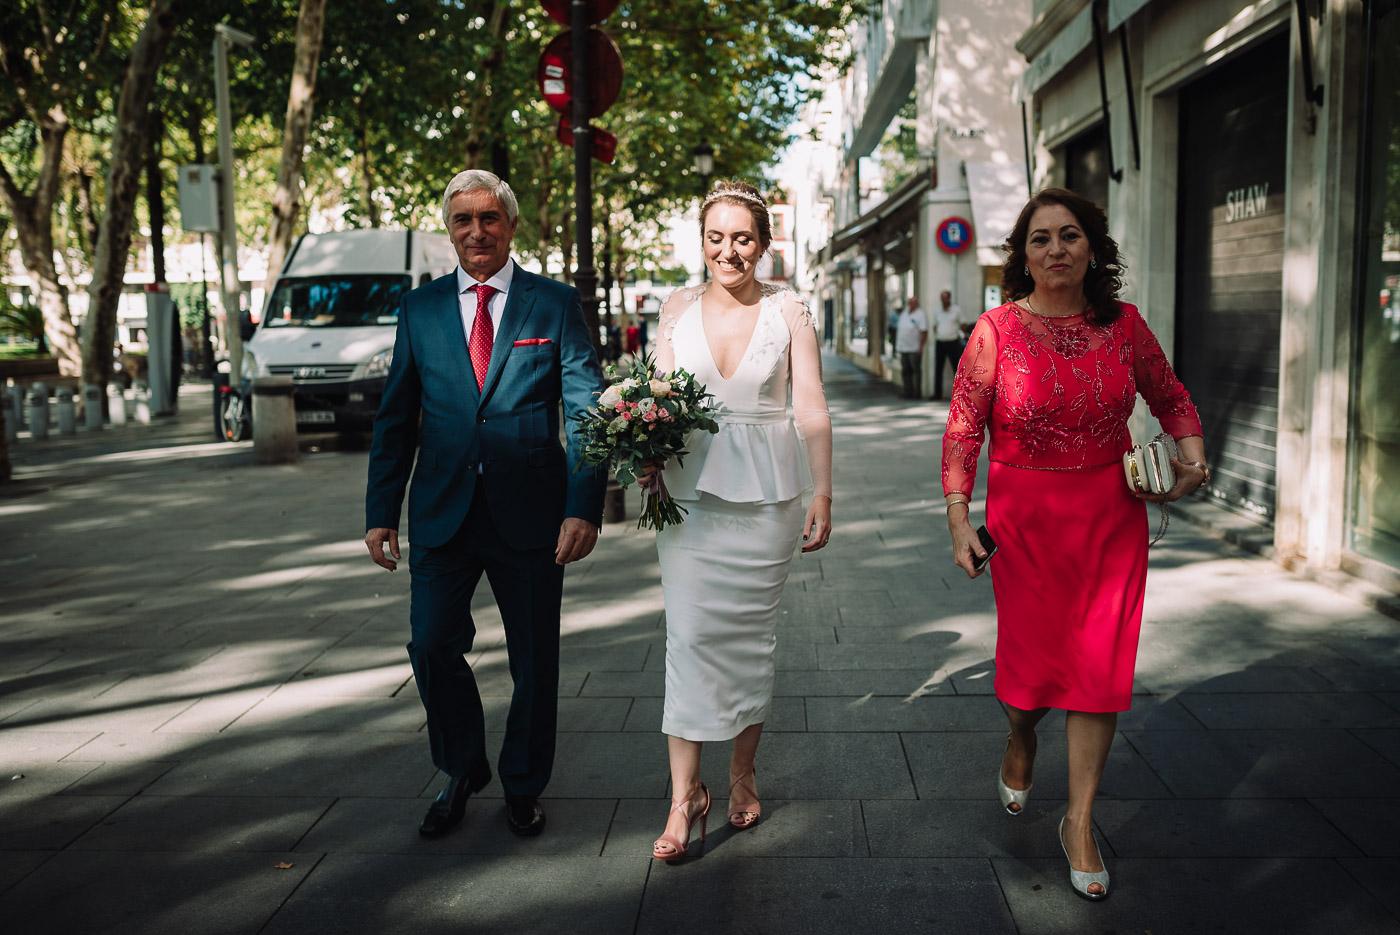 fotografo-bodas-Sevilla-Hacienda-San-Antonio-manuel-fijo